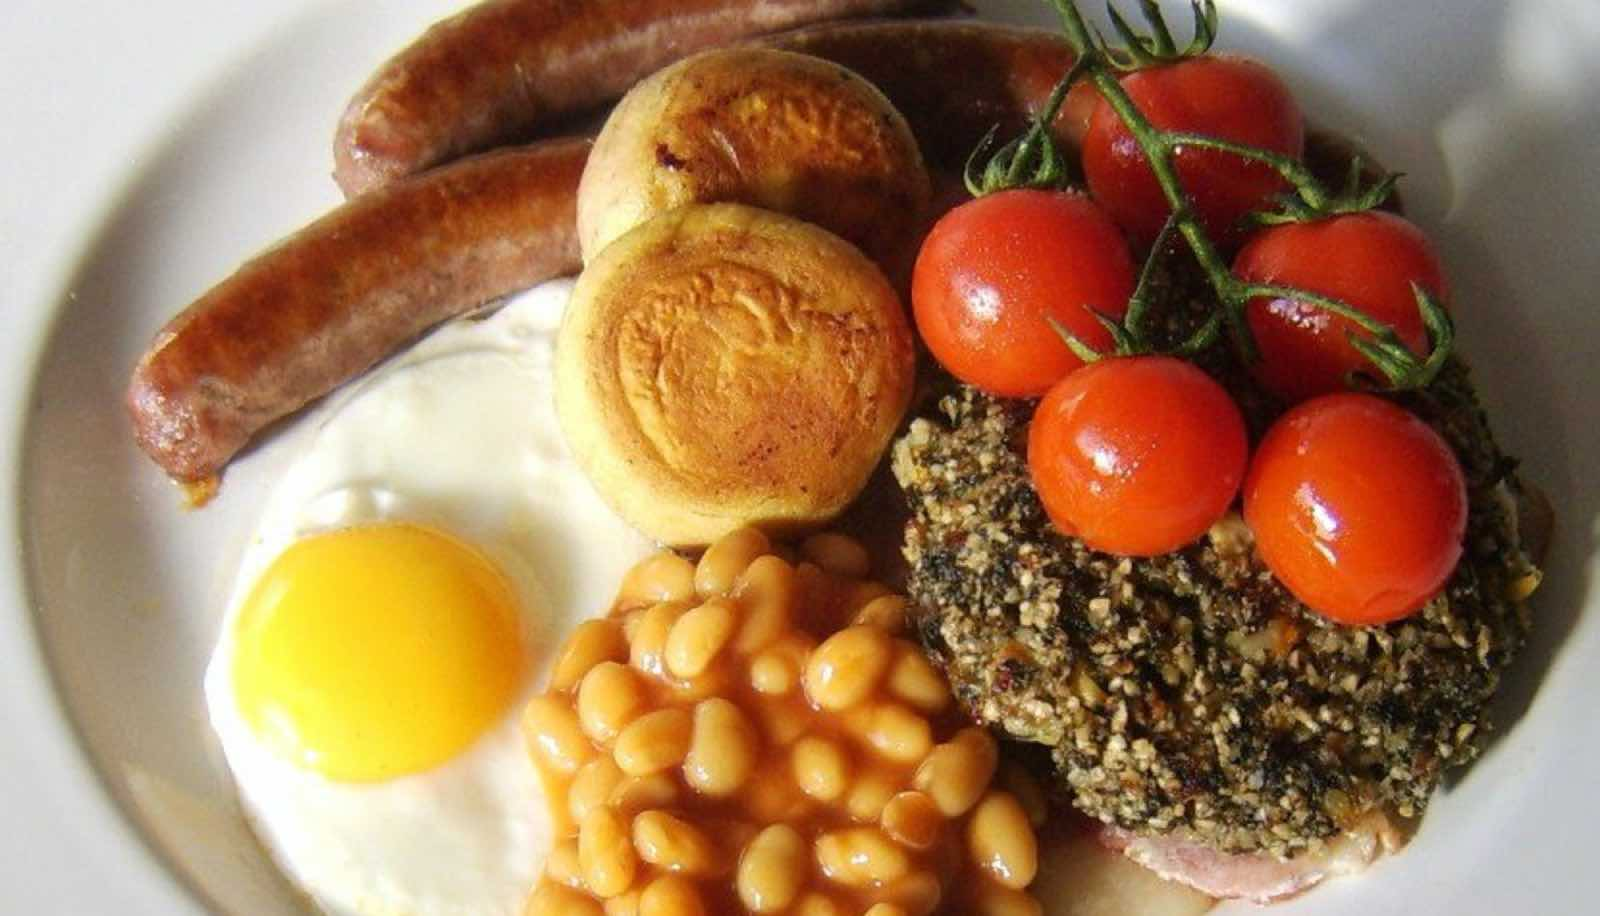 Breakfast Wales: Laverbread served with full Welsh breakfast